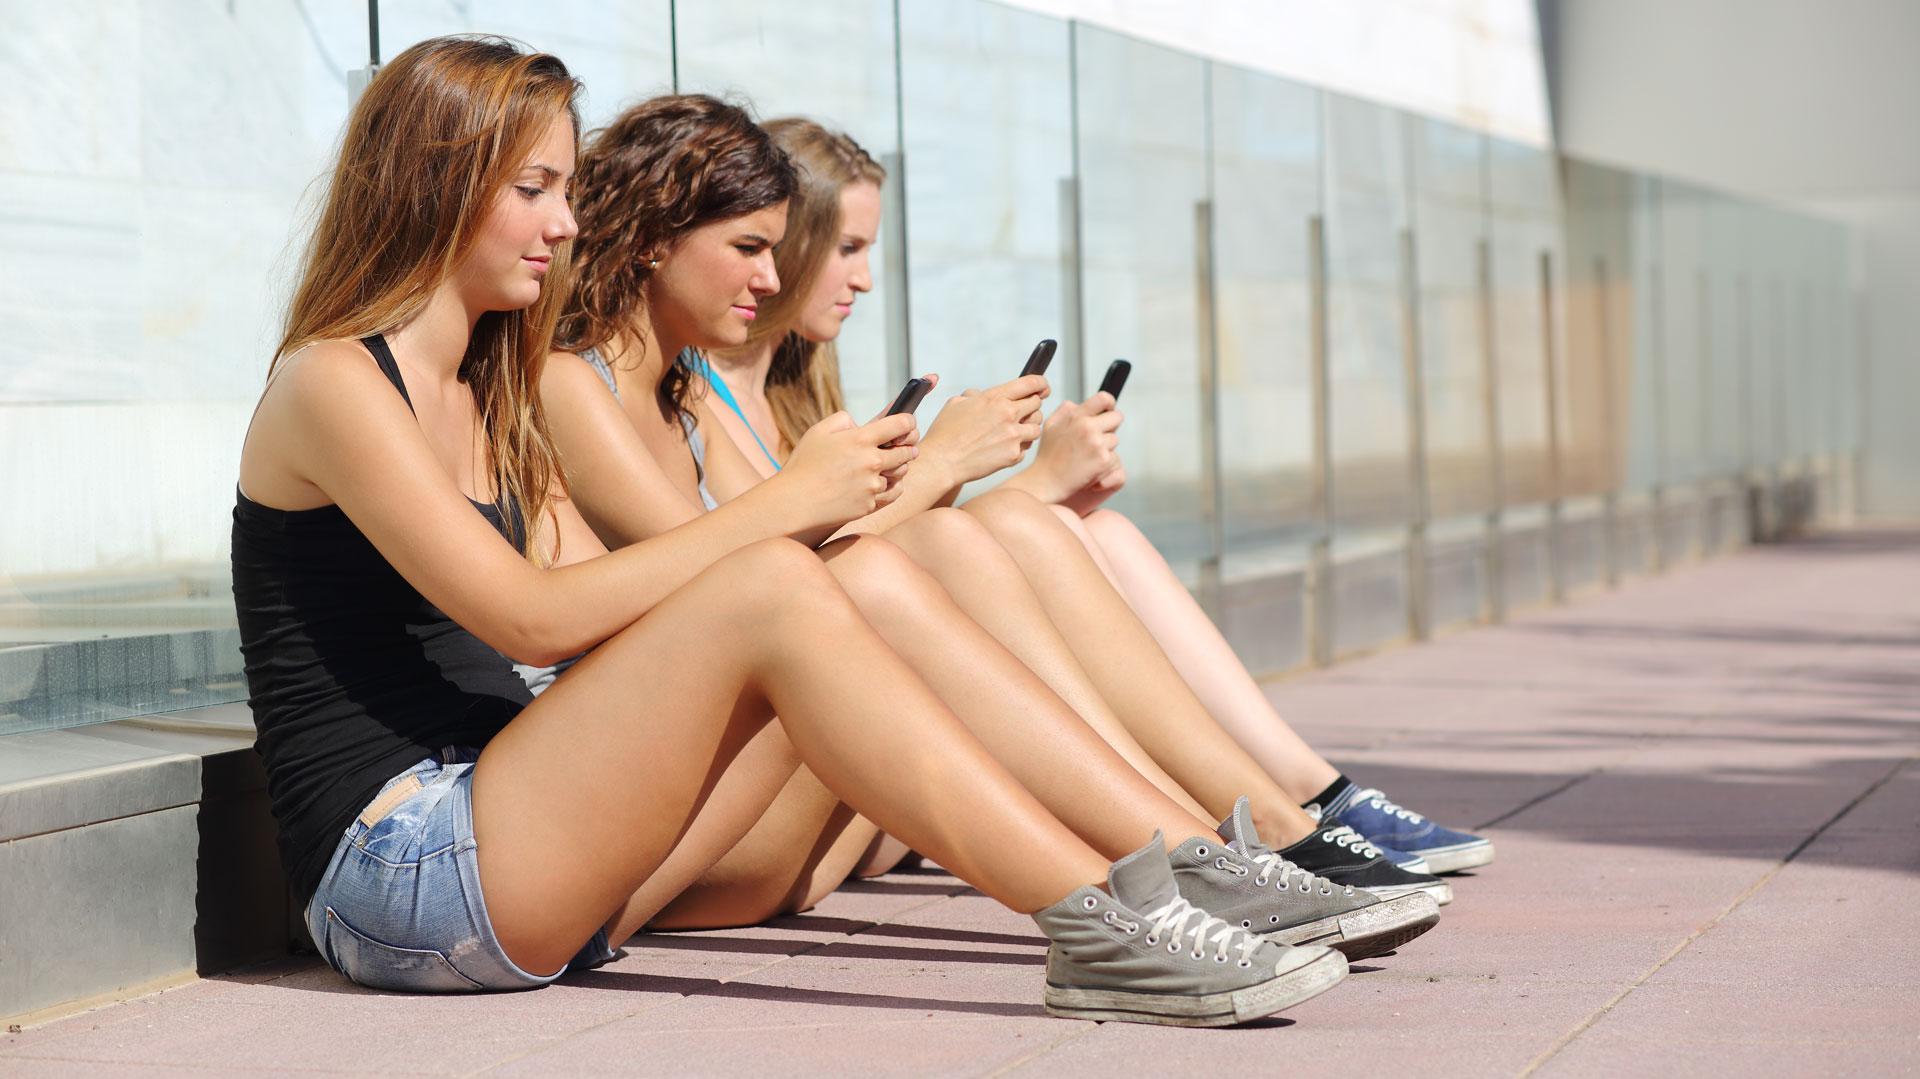 Cambio De Clase Porno Hot adolescentes en las redes sociales: sexo, violencia y